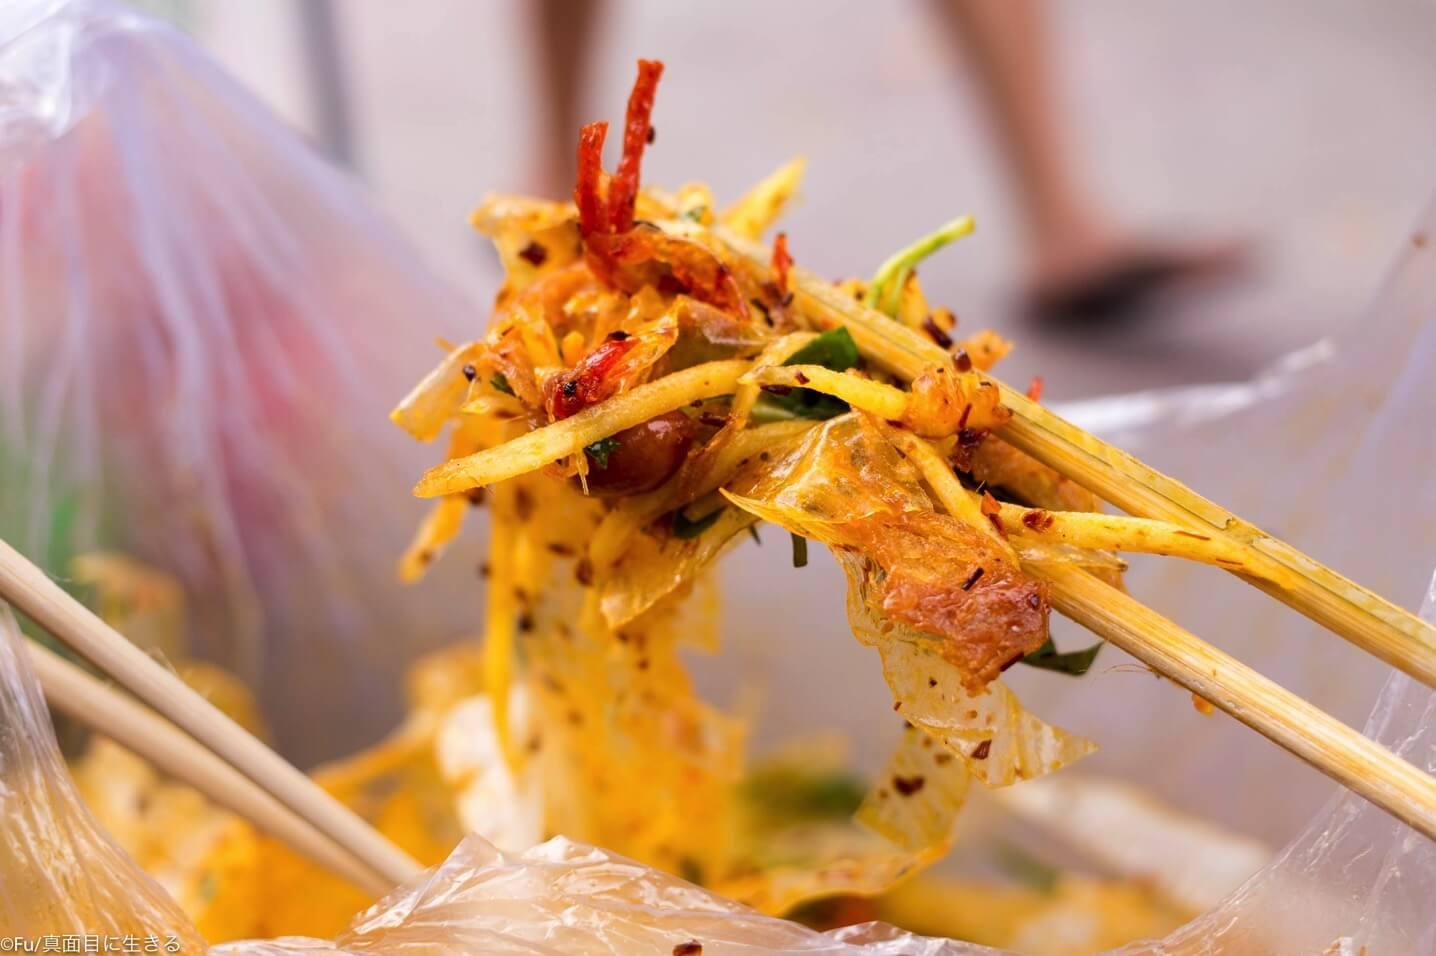 「バイン・チャン・チョン」細切ライスペーパーを和えたベトナム定番おやつ【ストリートフード・屋台料理】